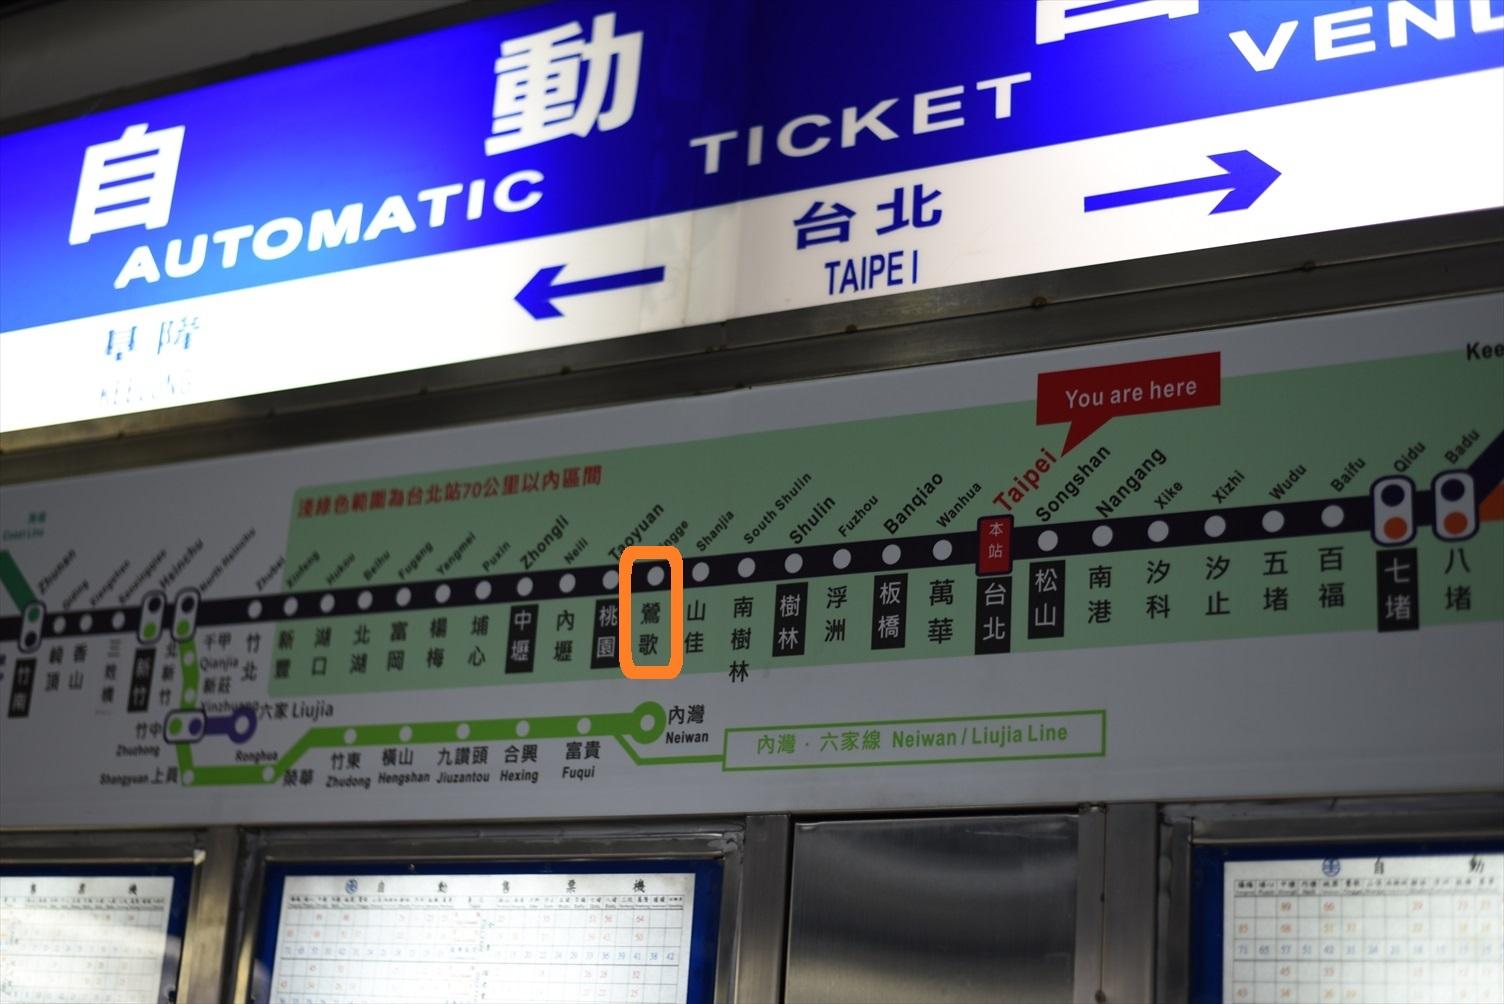 鶯歌 台北駅 路線図